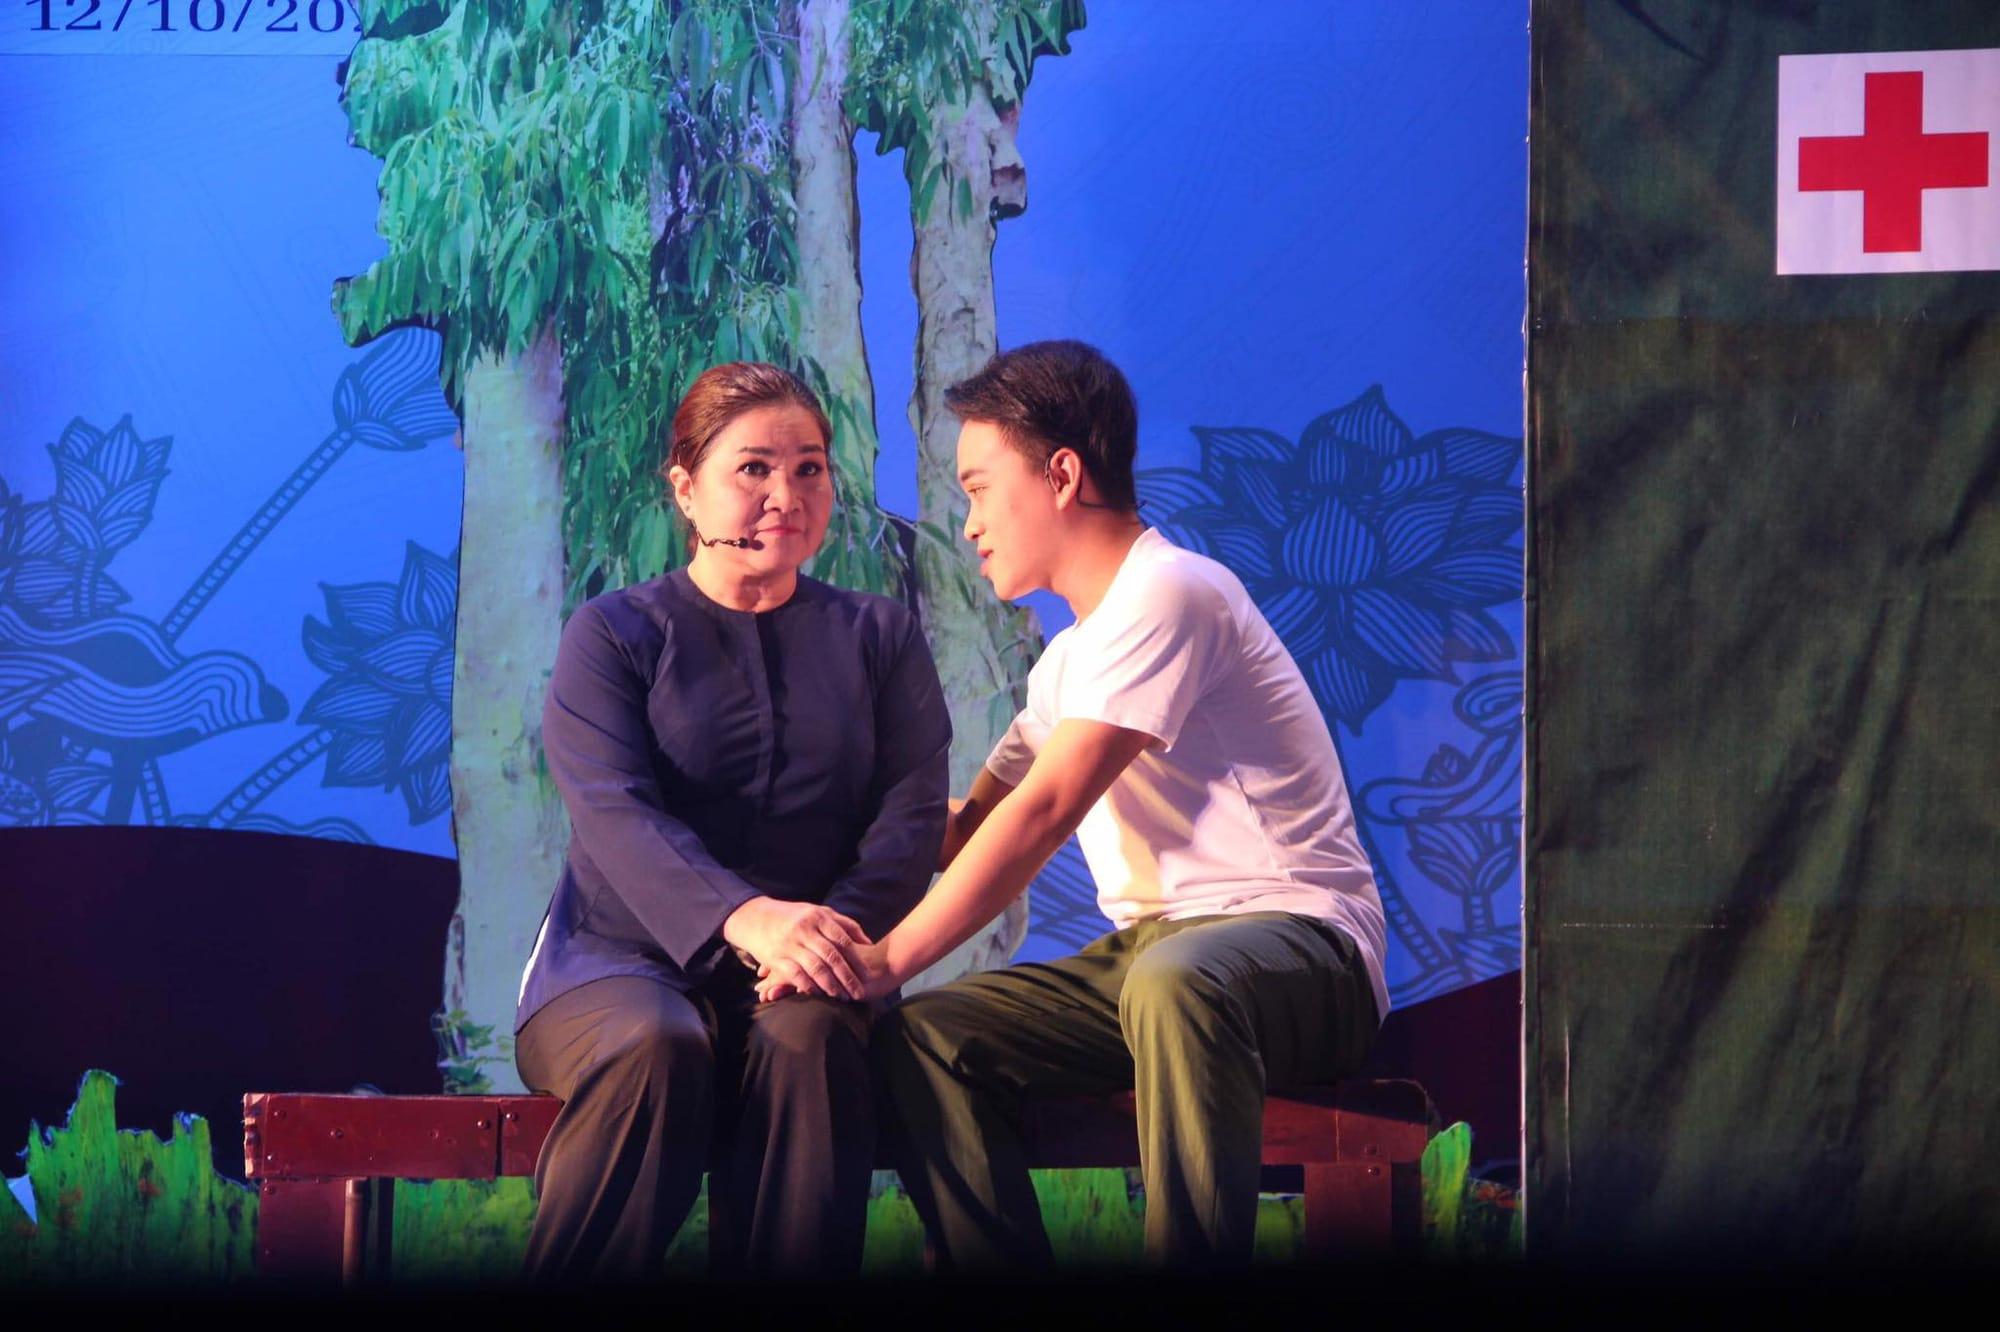 Kim Phính, Như Huỳnh đạt điểm cao tại cuộc thi Trần Hữu Trang ở Cần Thơ - Ảnh 3.